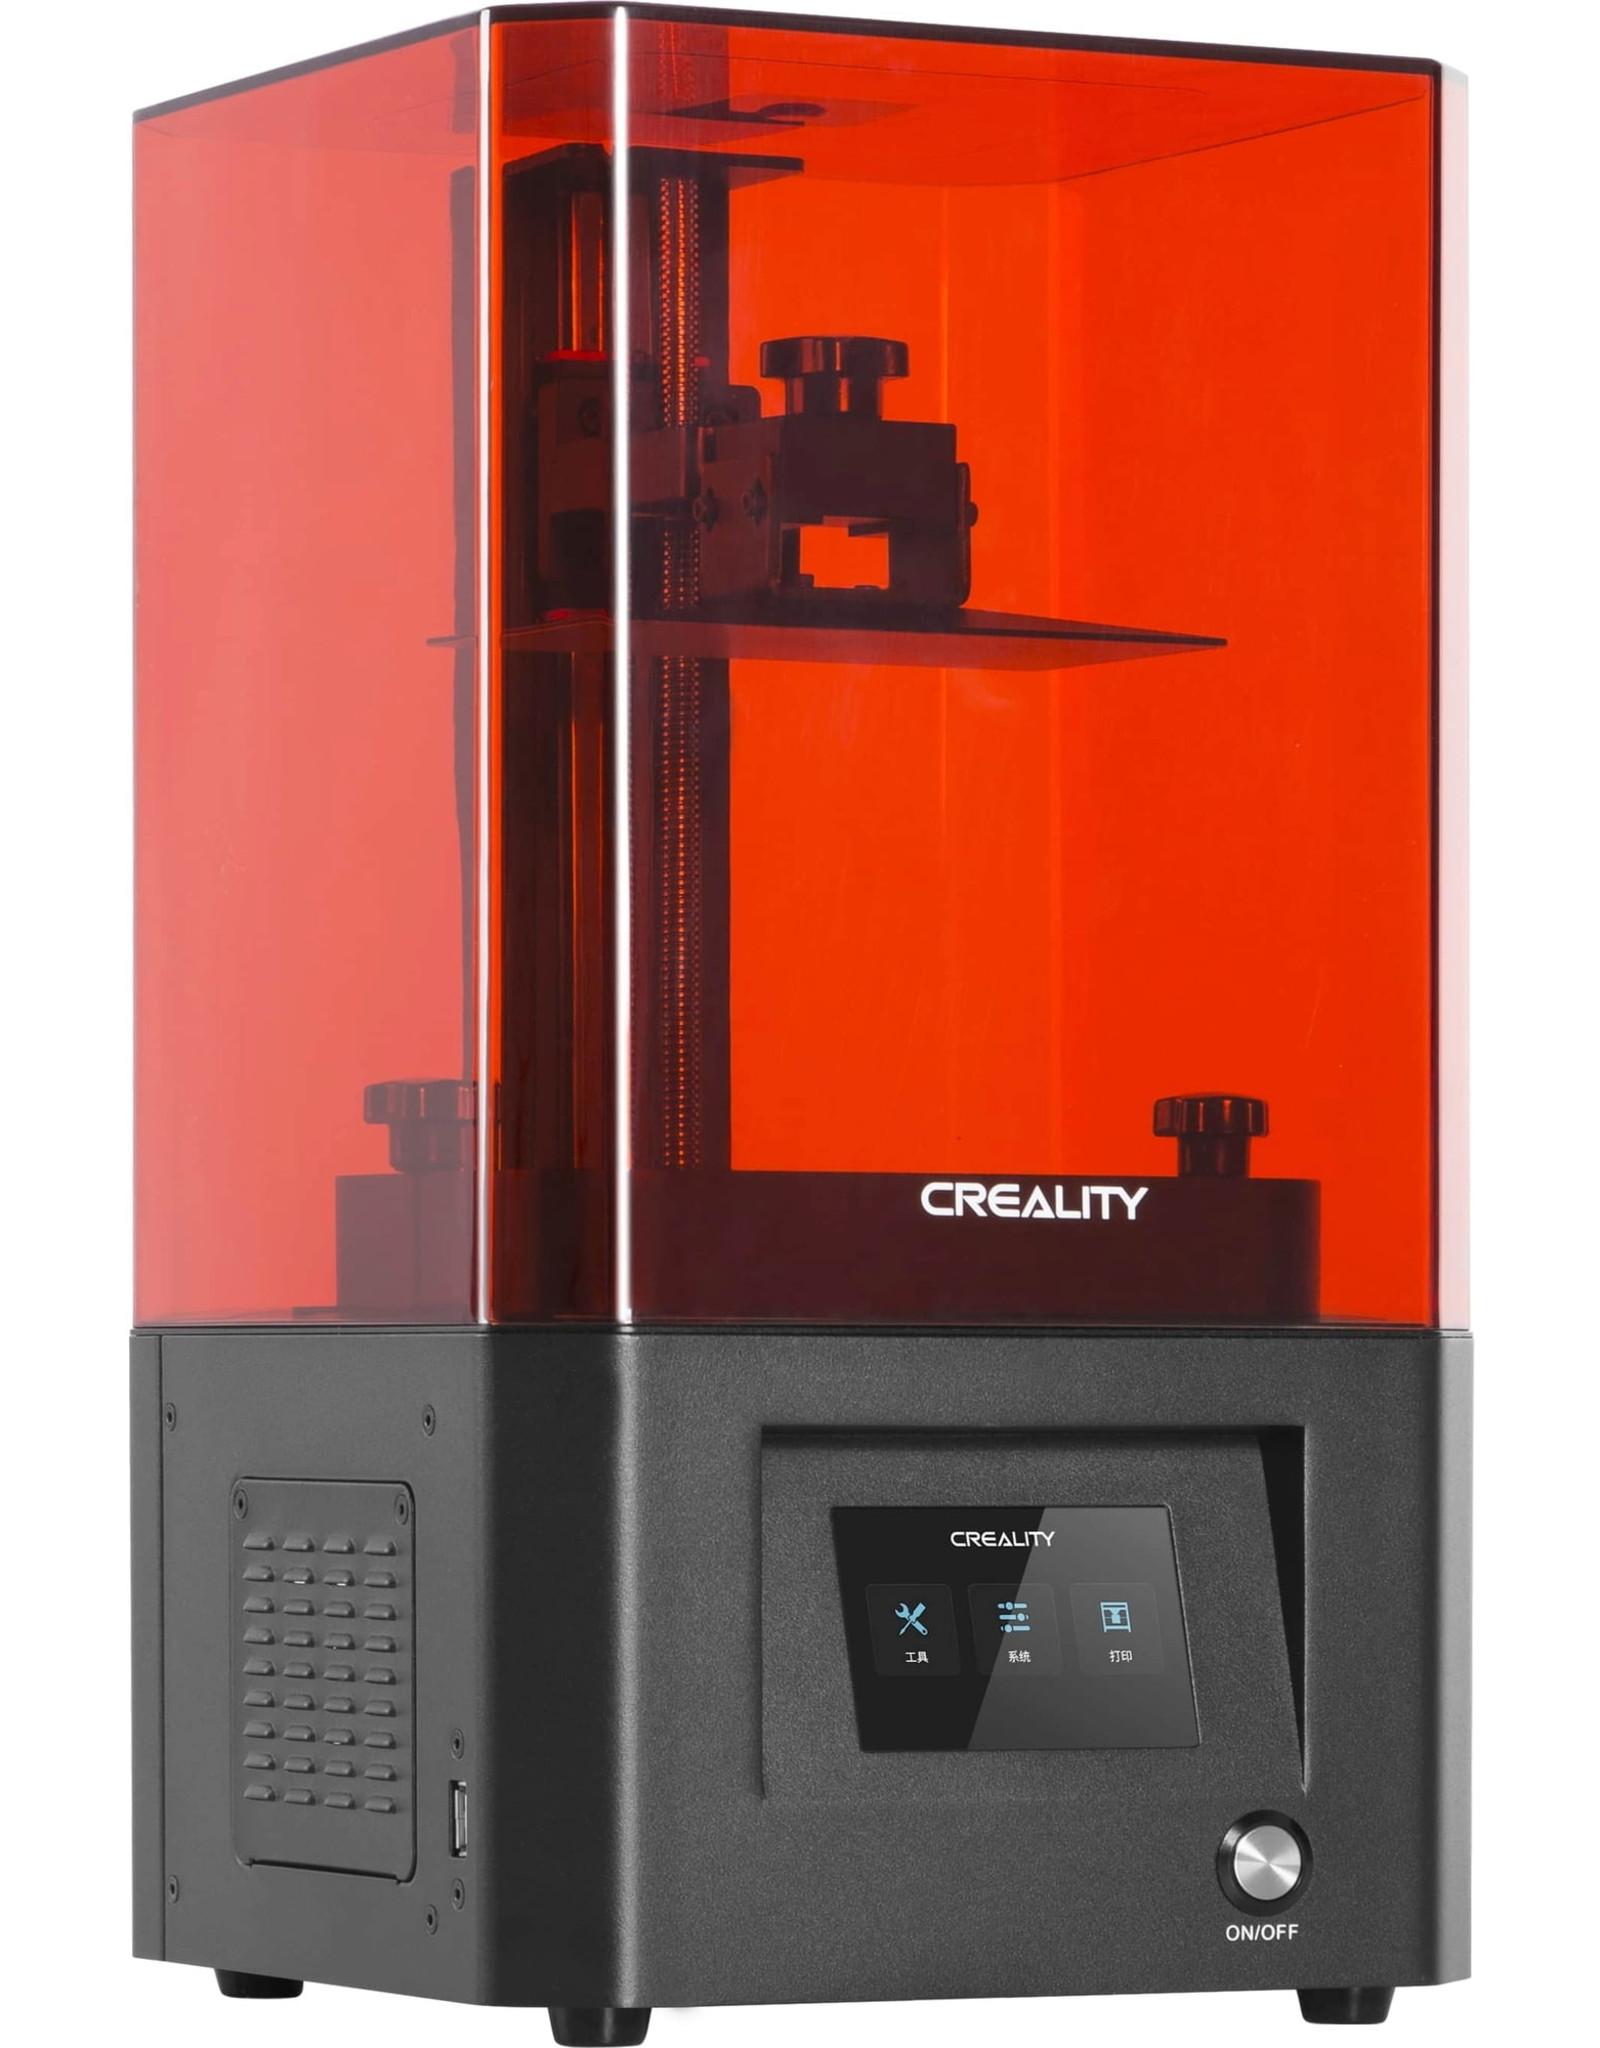 Creality/Ender Creality LD-002H Mono LCD Resin 3D Printer